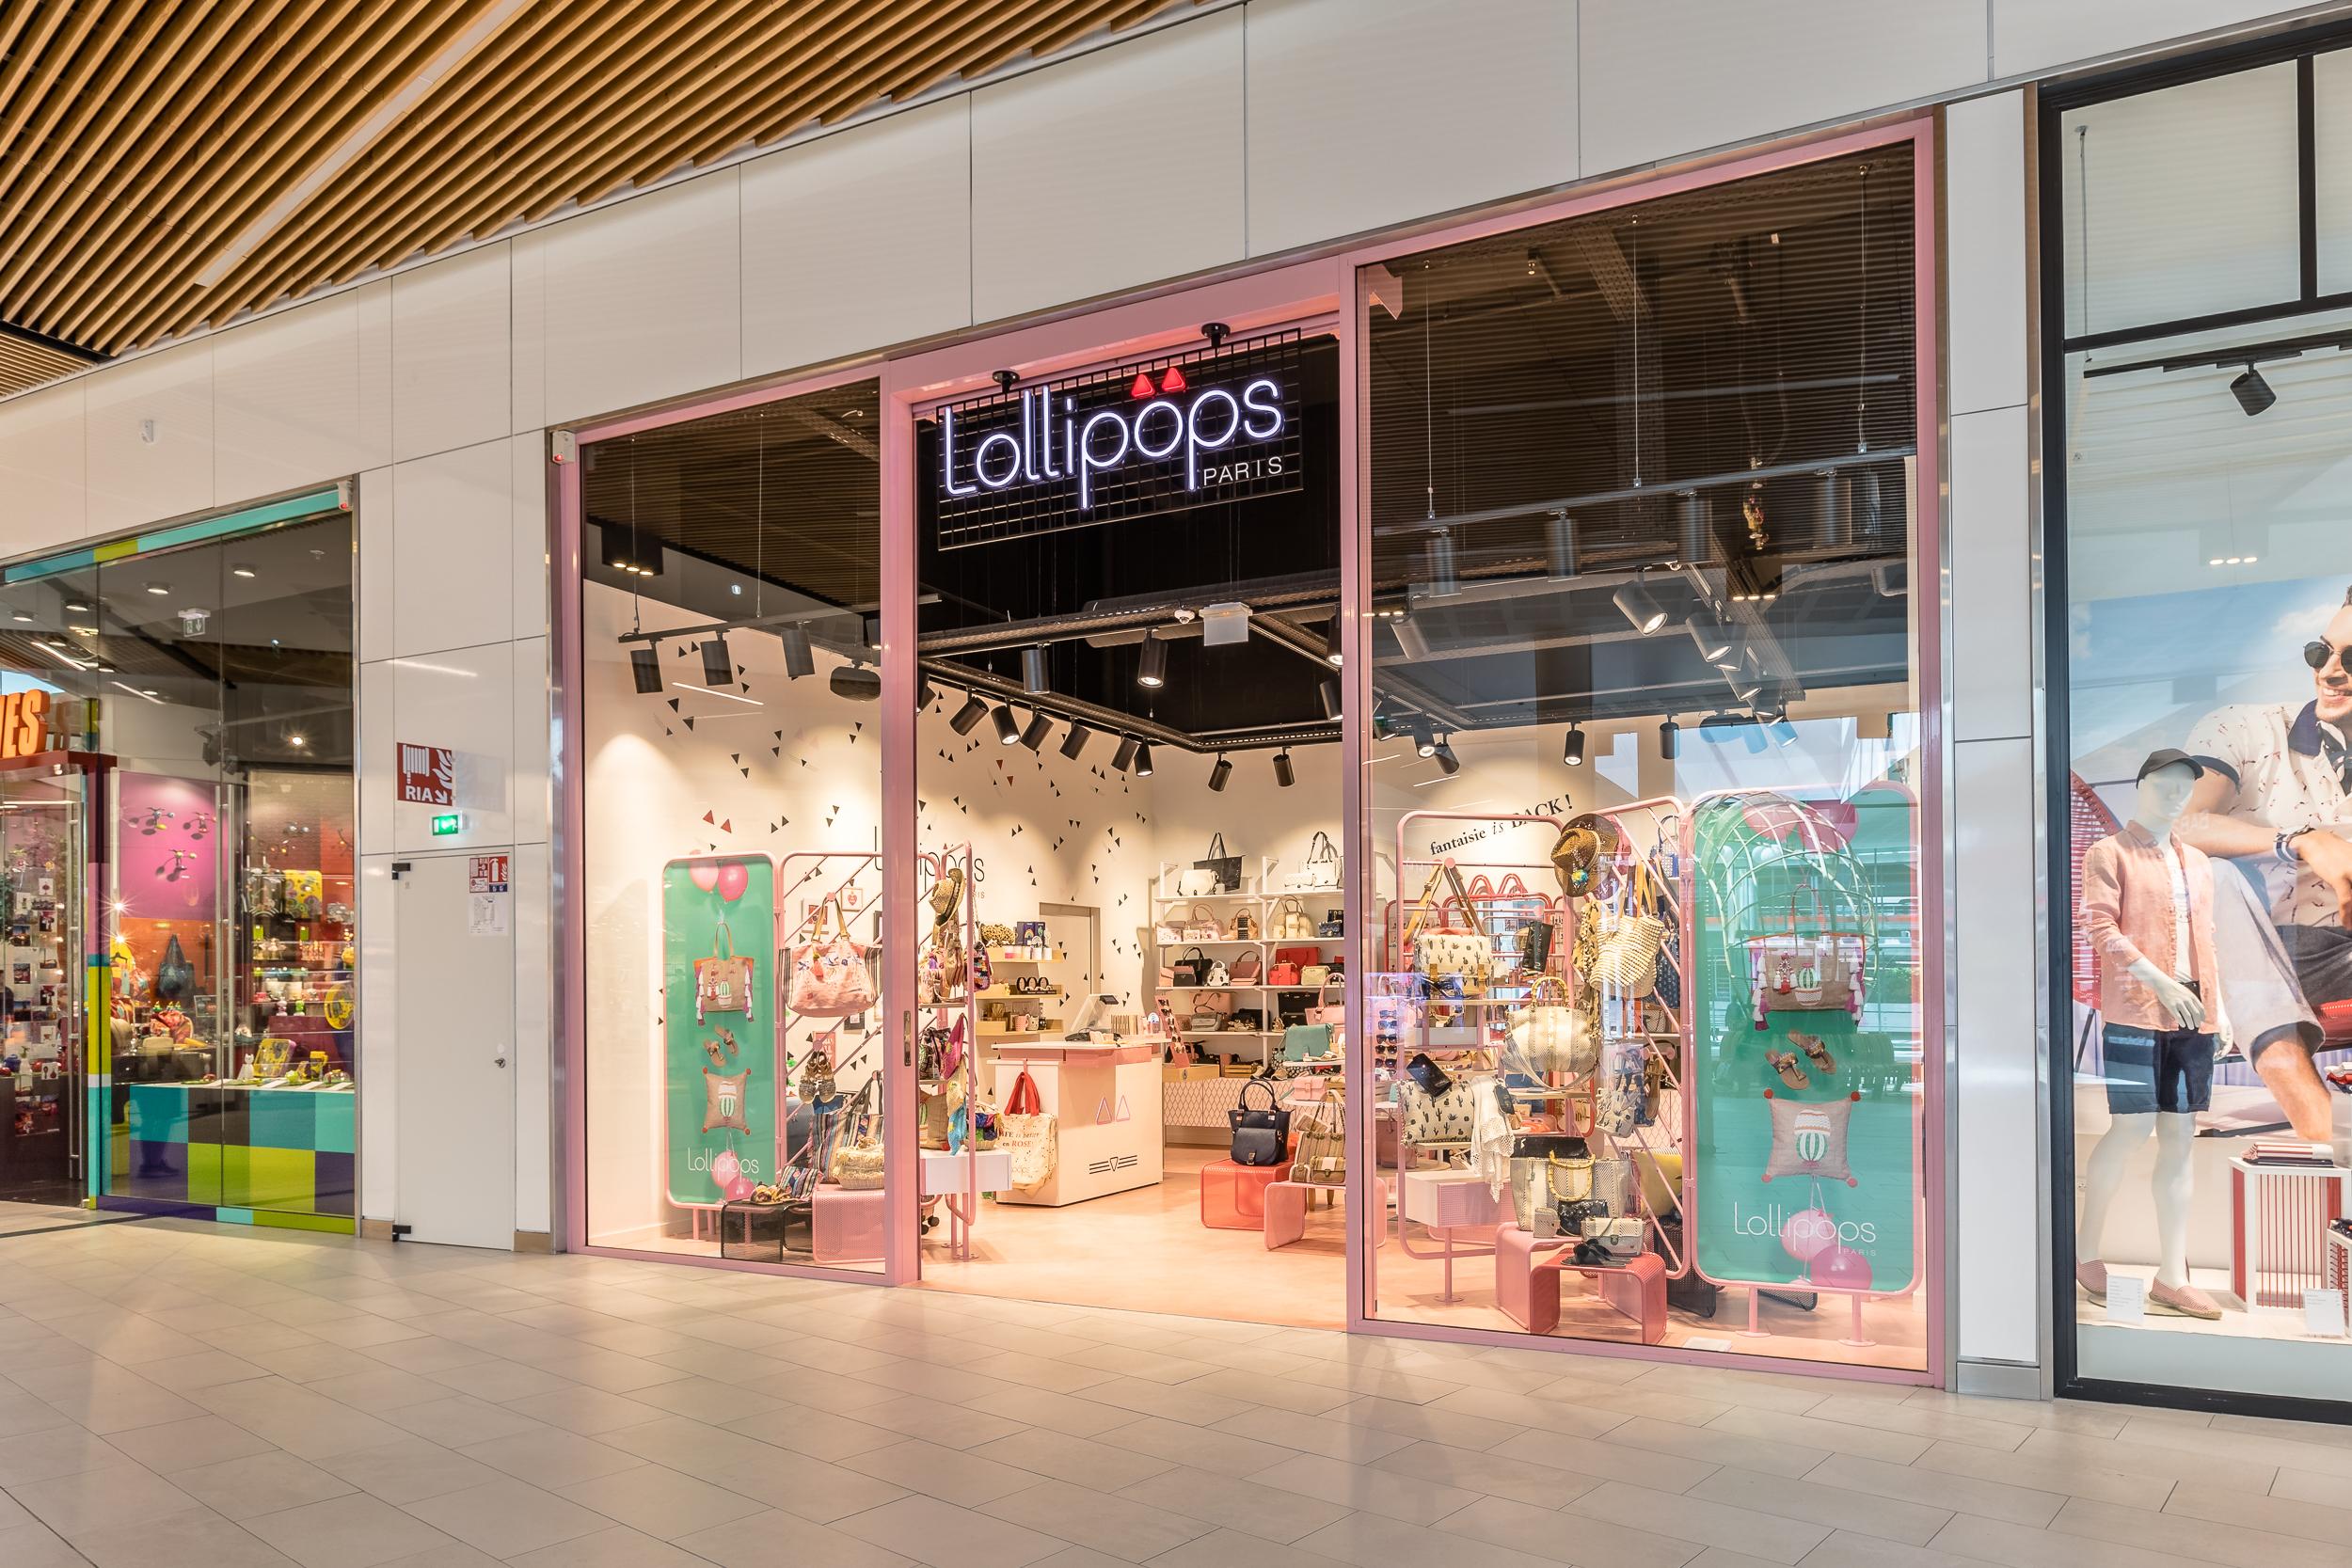 Lollipops-concept retail